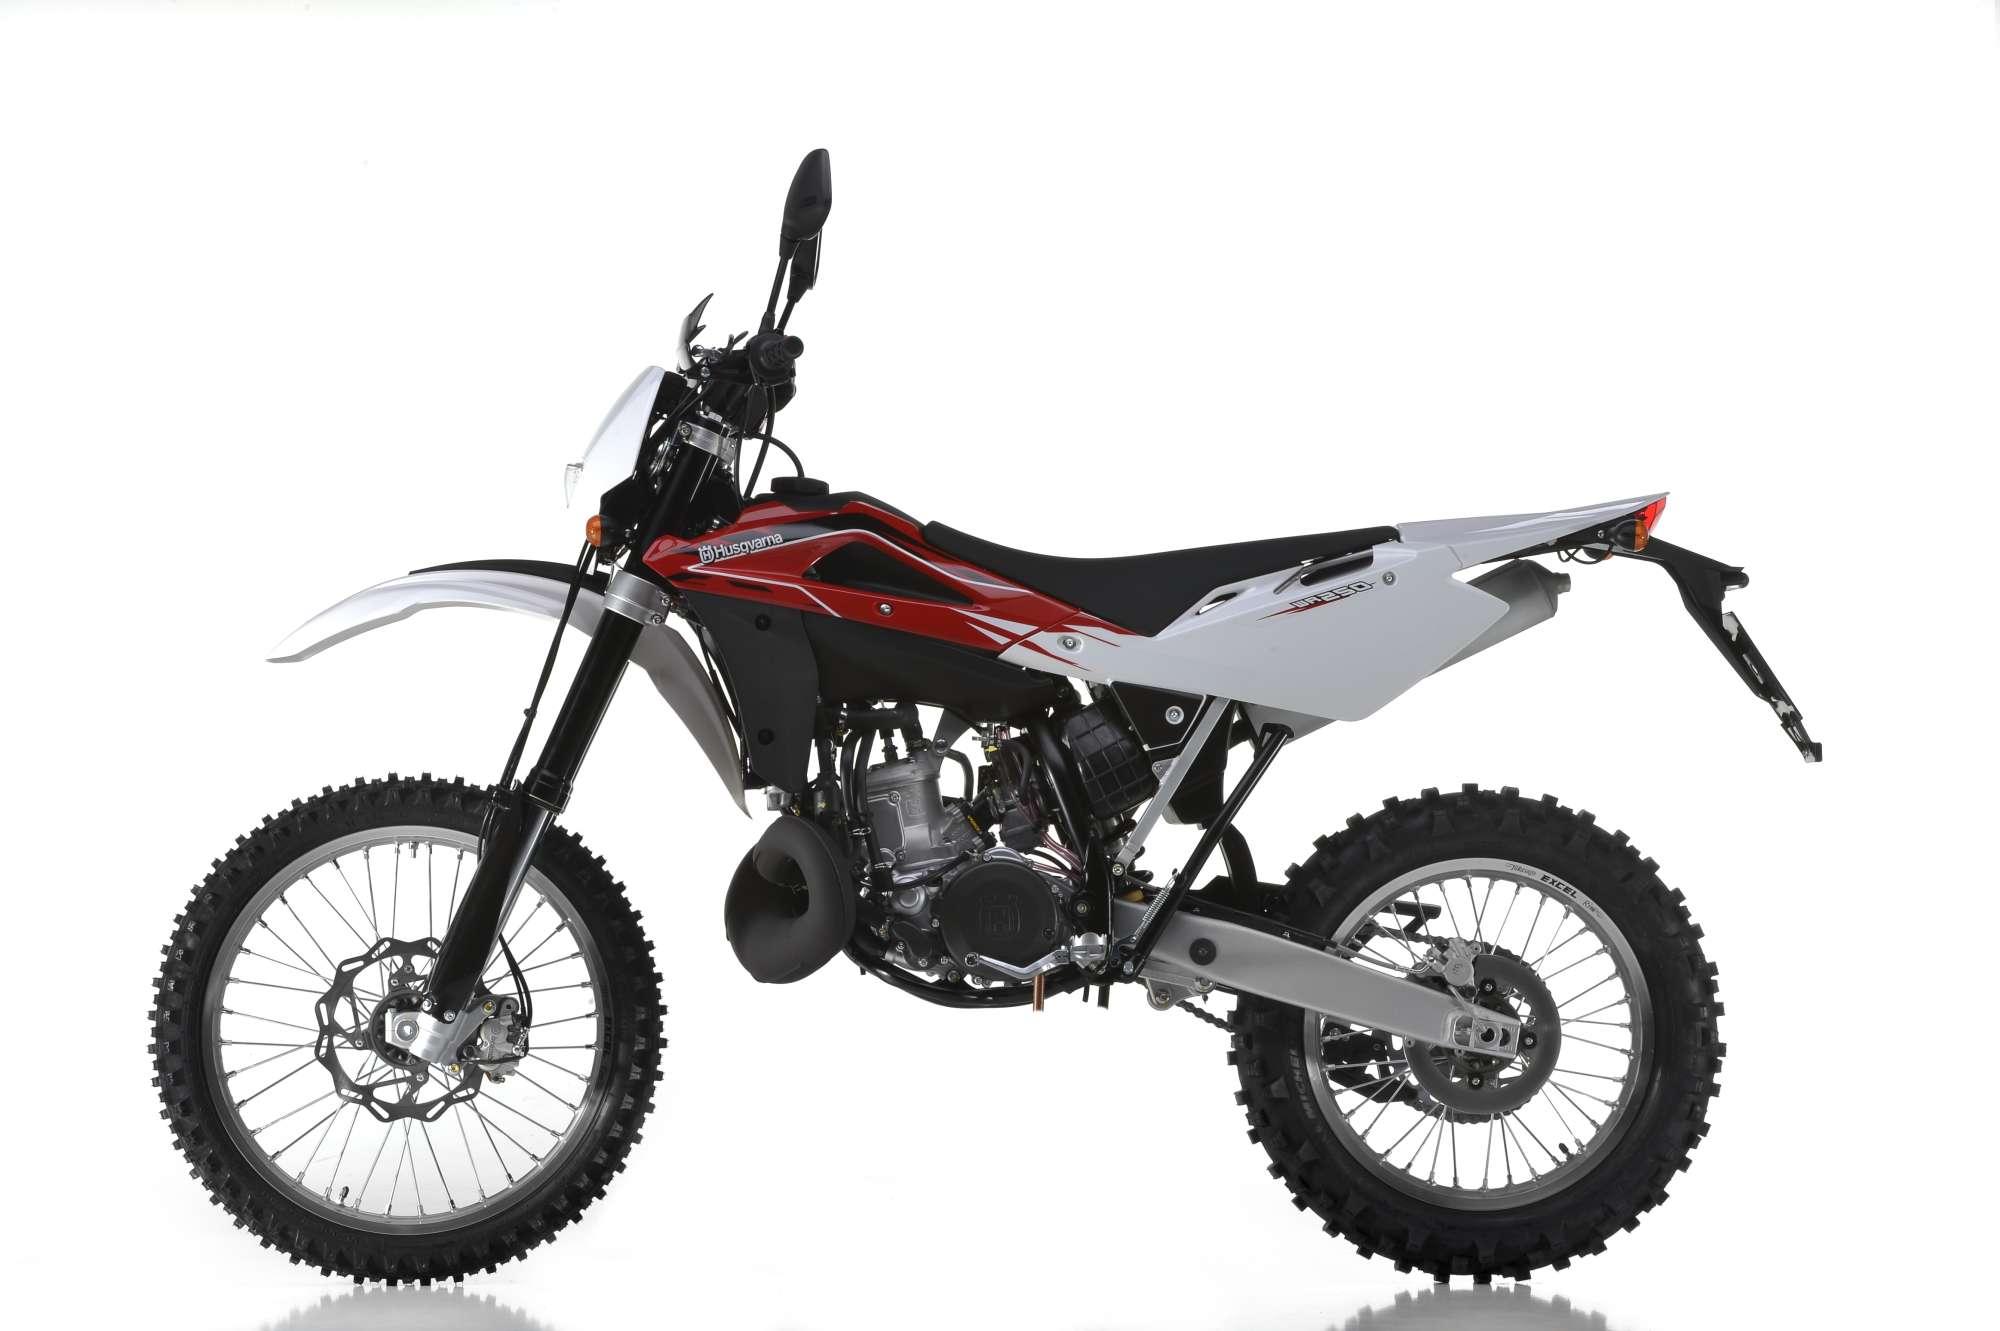 Gebrauchte Husqvarna Wr 250 Motorr U00e4der Kaufen